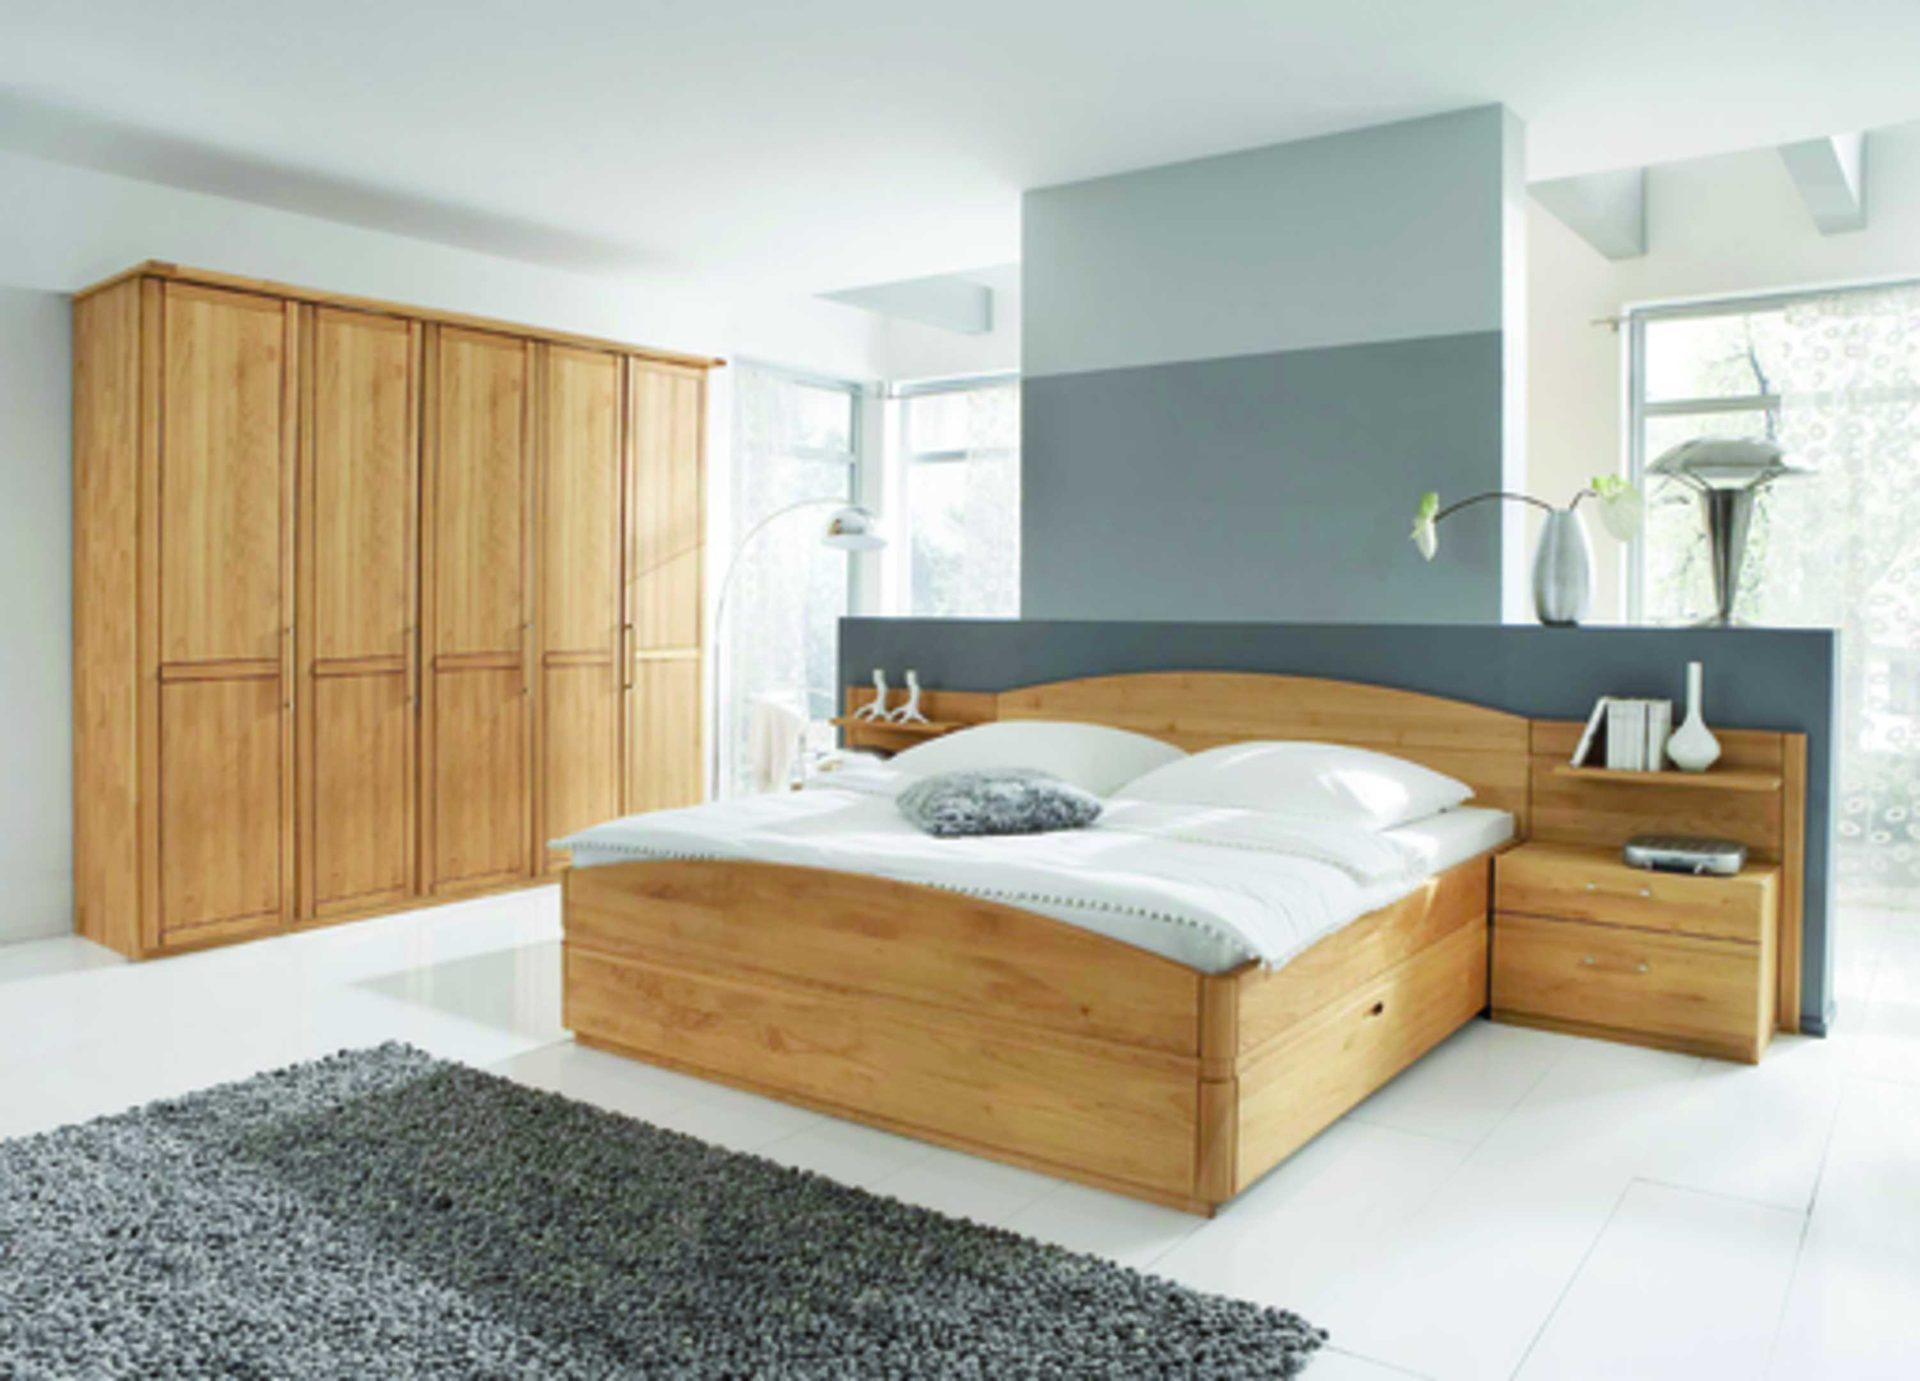 möbel frauendorfer amberg | loddenkemper massivholz, Schlafzimmer entwurf